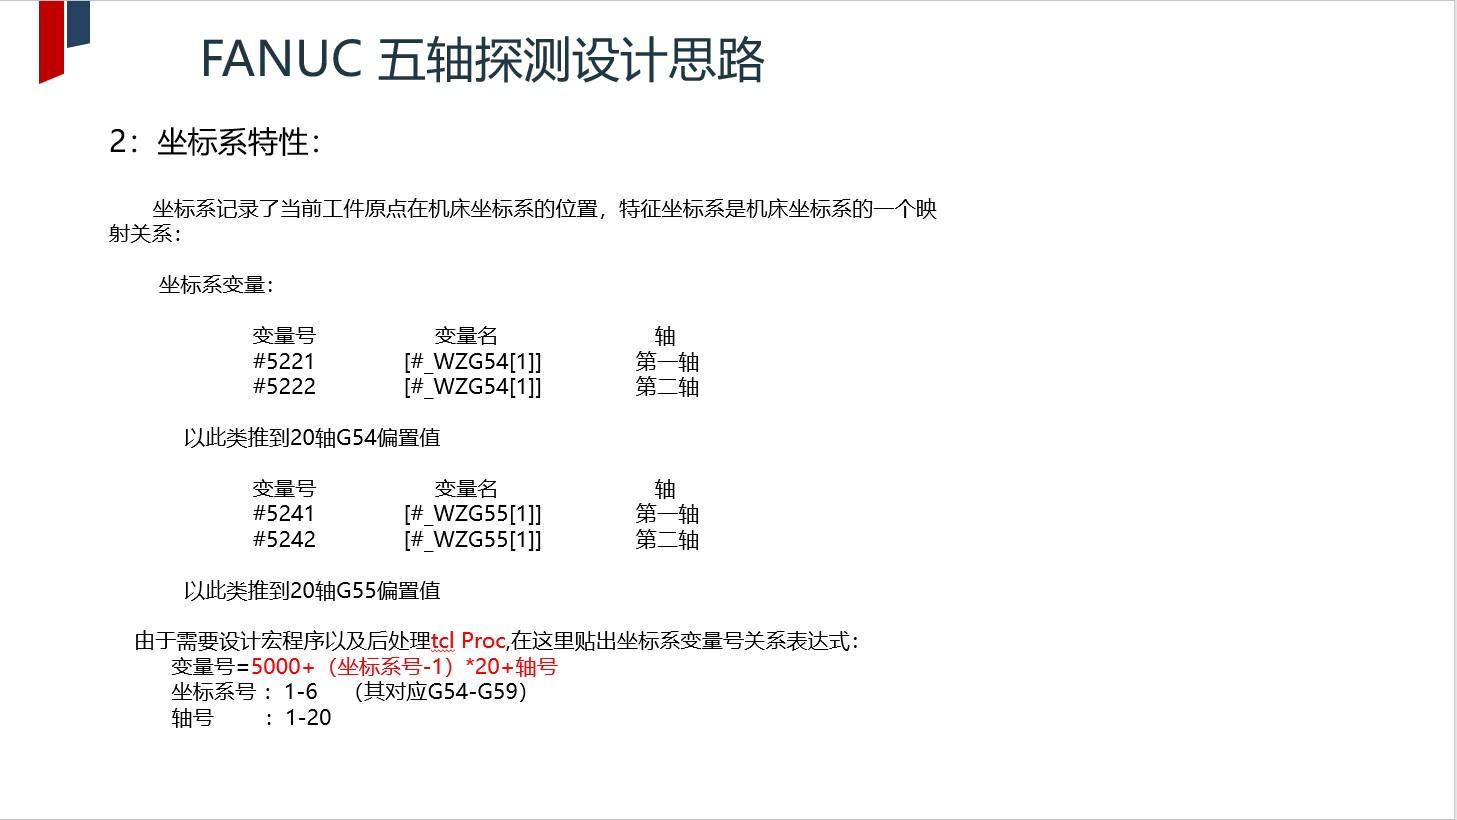 attachments-2021-07-U8mPkmCQ60f7a1d31e101.png